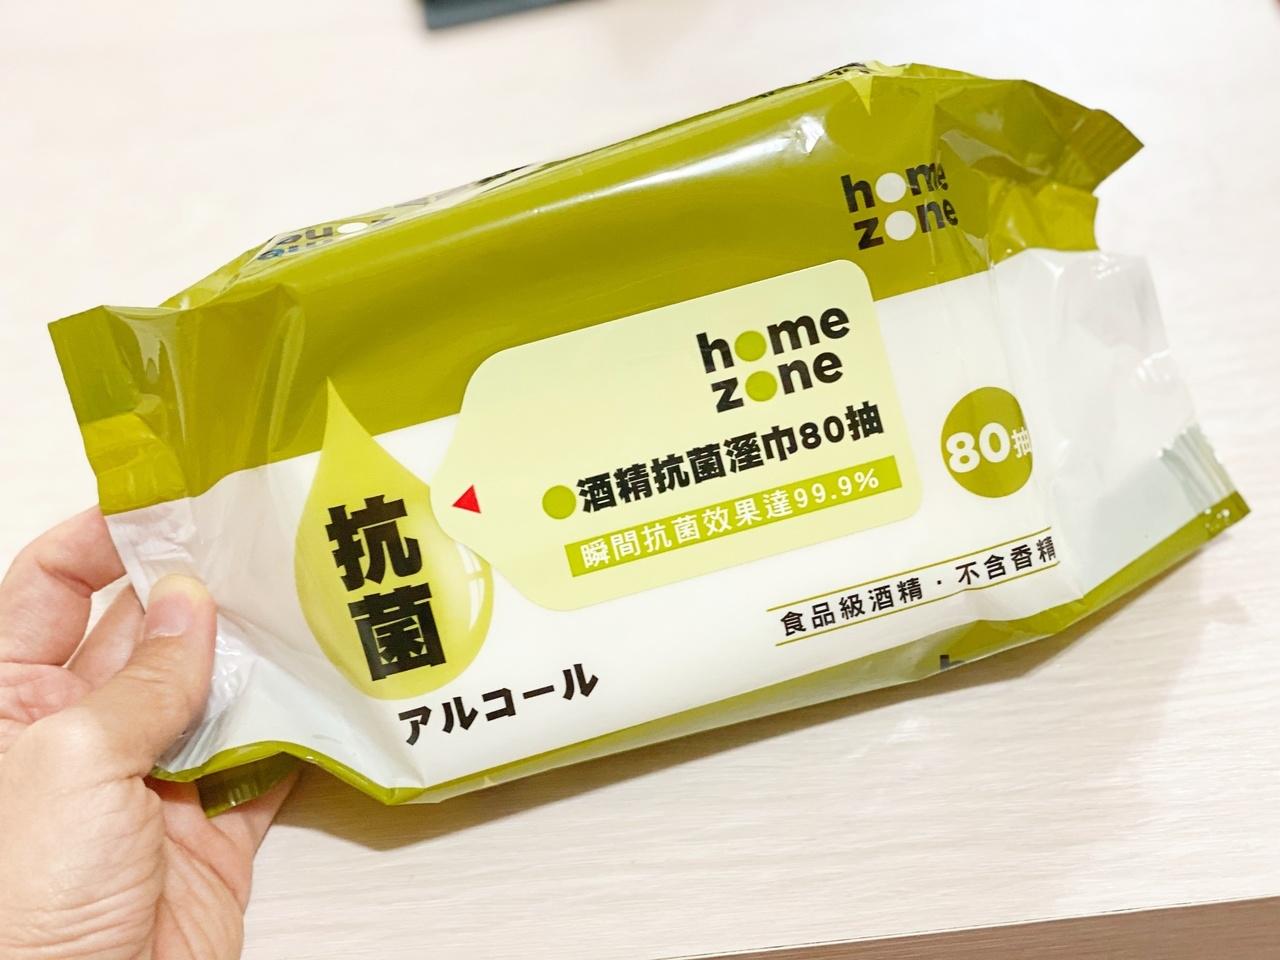 即使攜帶的是酒精濕紙巾或是棉片,一樣受到液體限制規定。記者魏妤庭/攝影